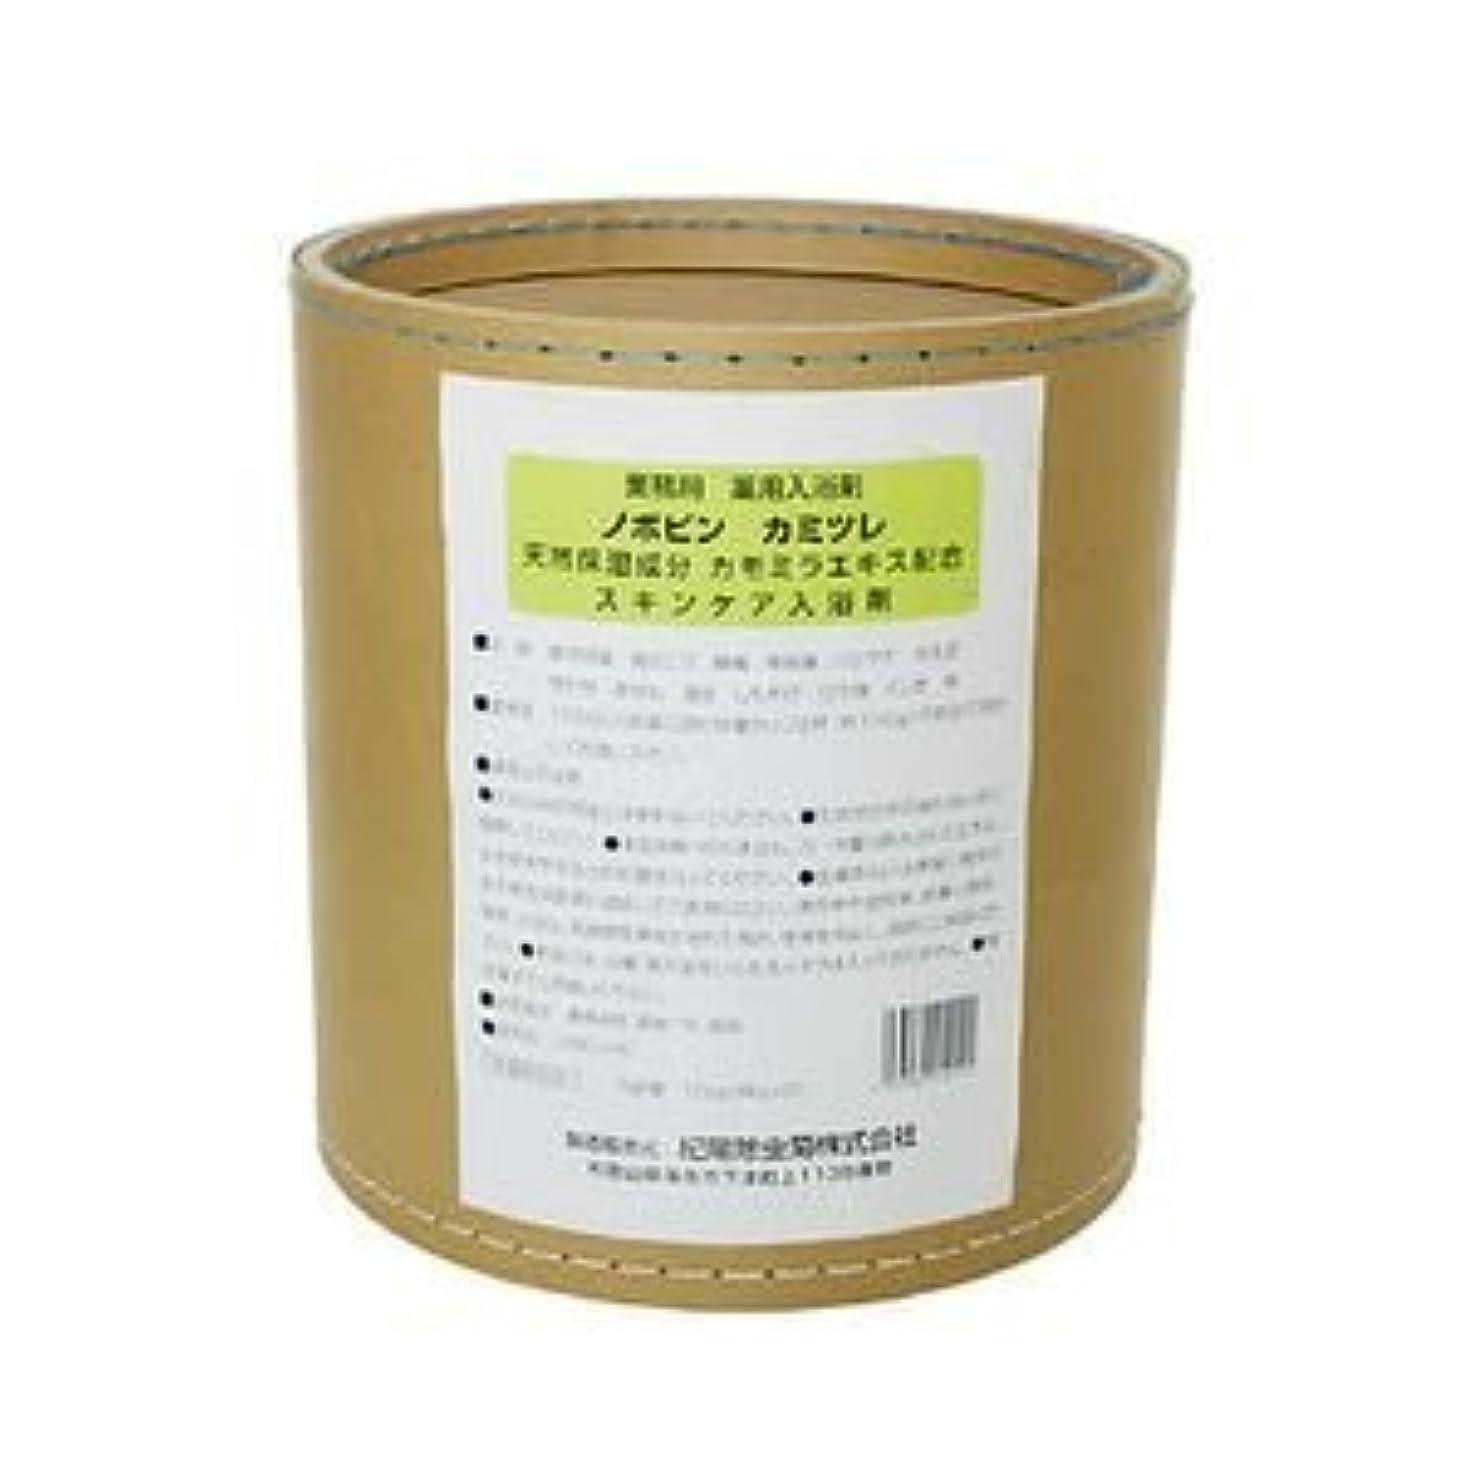 殉教者ポジション幻想的業務用 バス 入浴剤 ノボピン カミツレ 16kg(8kg+2)